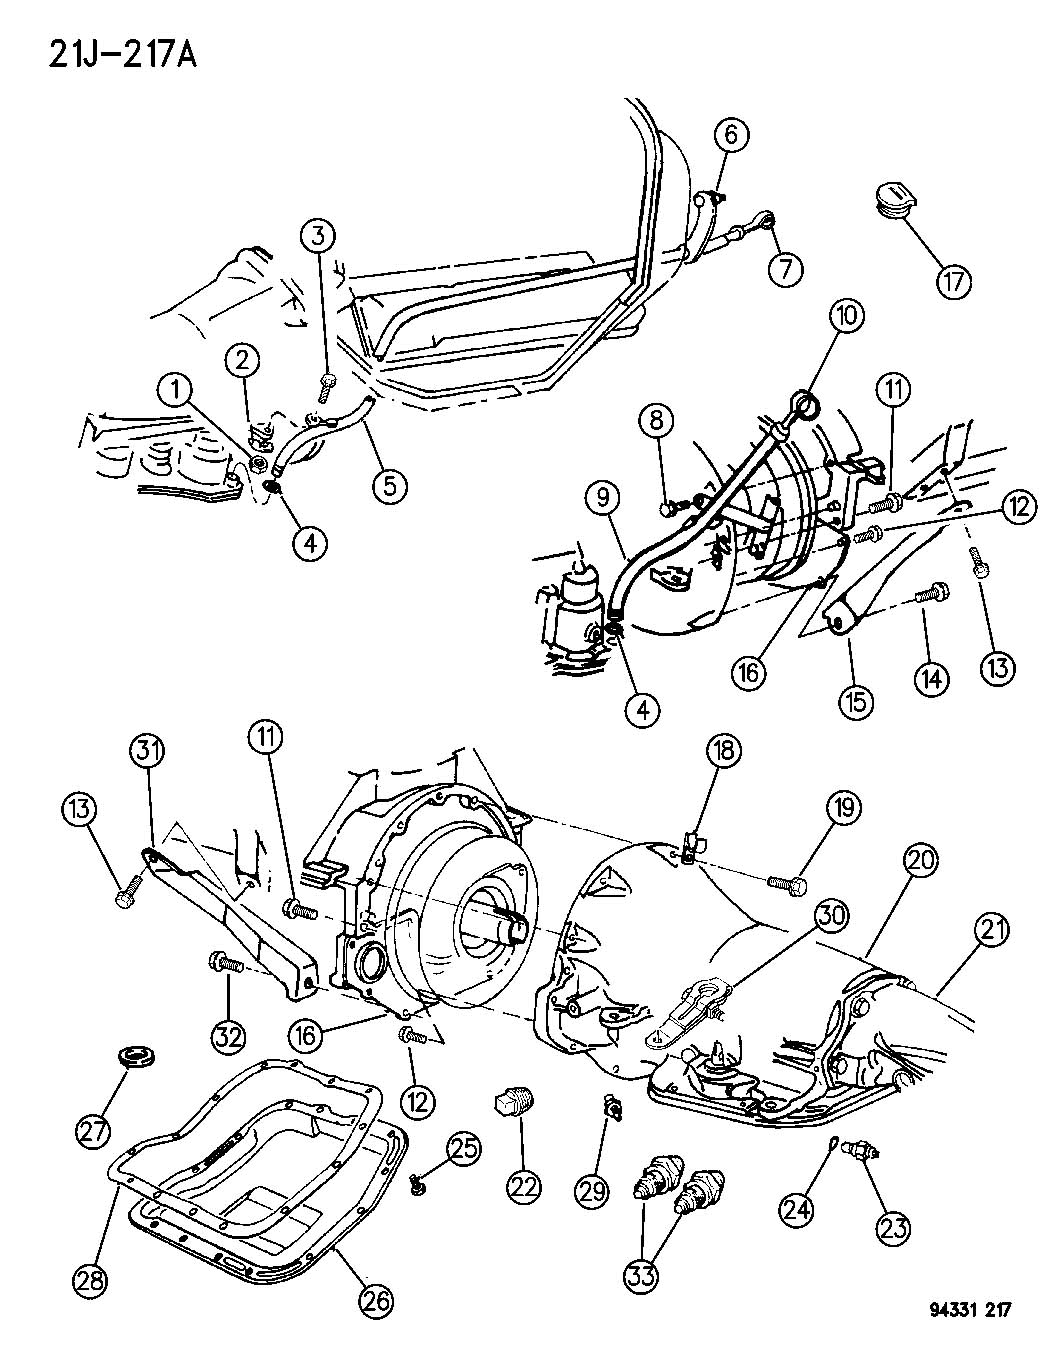 47re transmission repair Manual